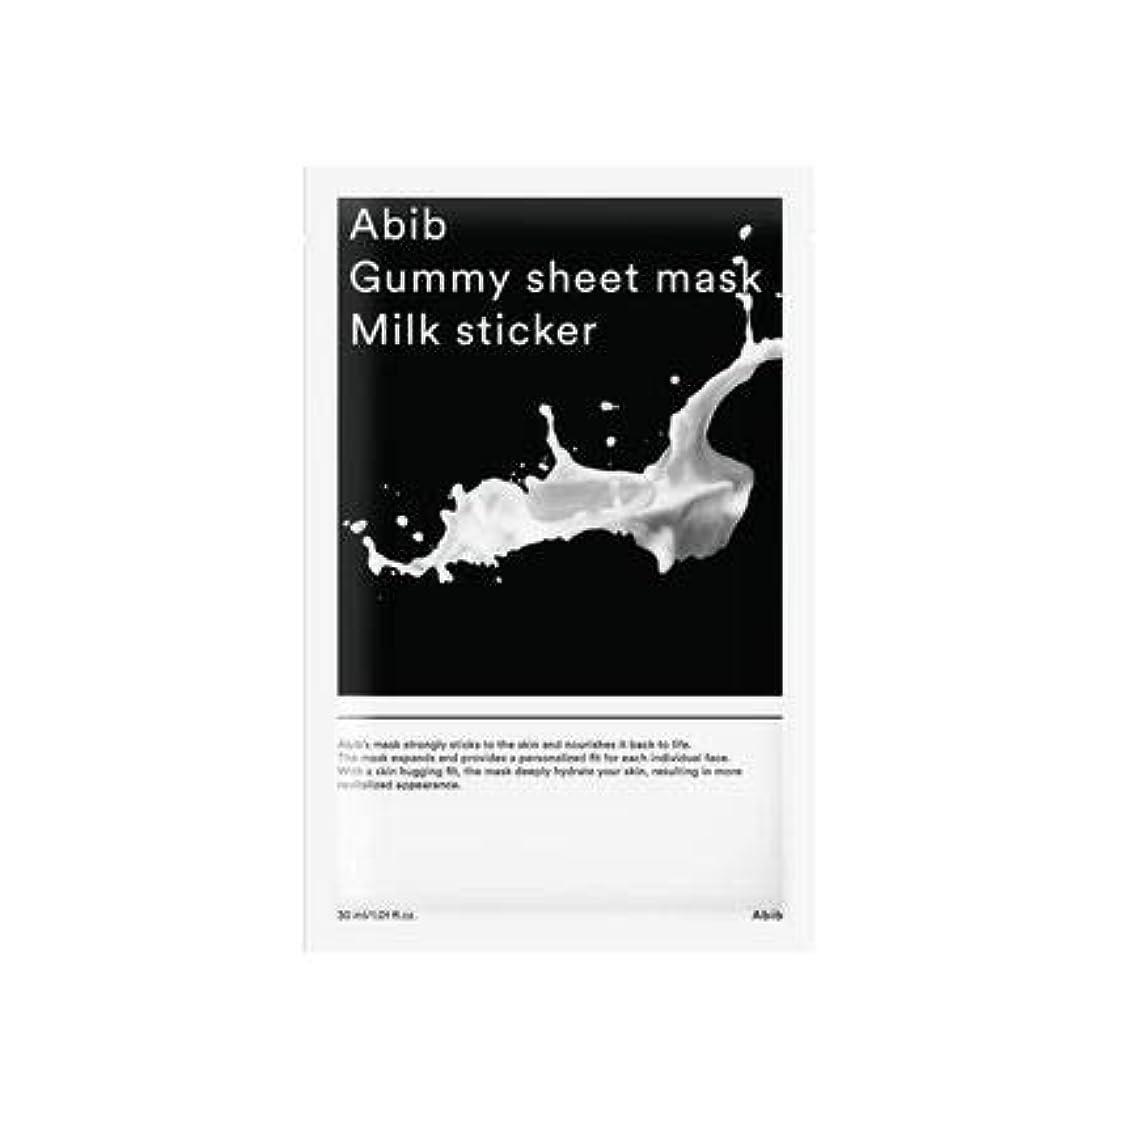 消すリーンサークル[Abib] アイブガムのくるみシートマスクミルクステッカー 30mlx10枚 / ABIB GUMMY SHEET MASK MILK STICKER 30mlx10EA [並行輸入品]